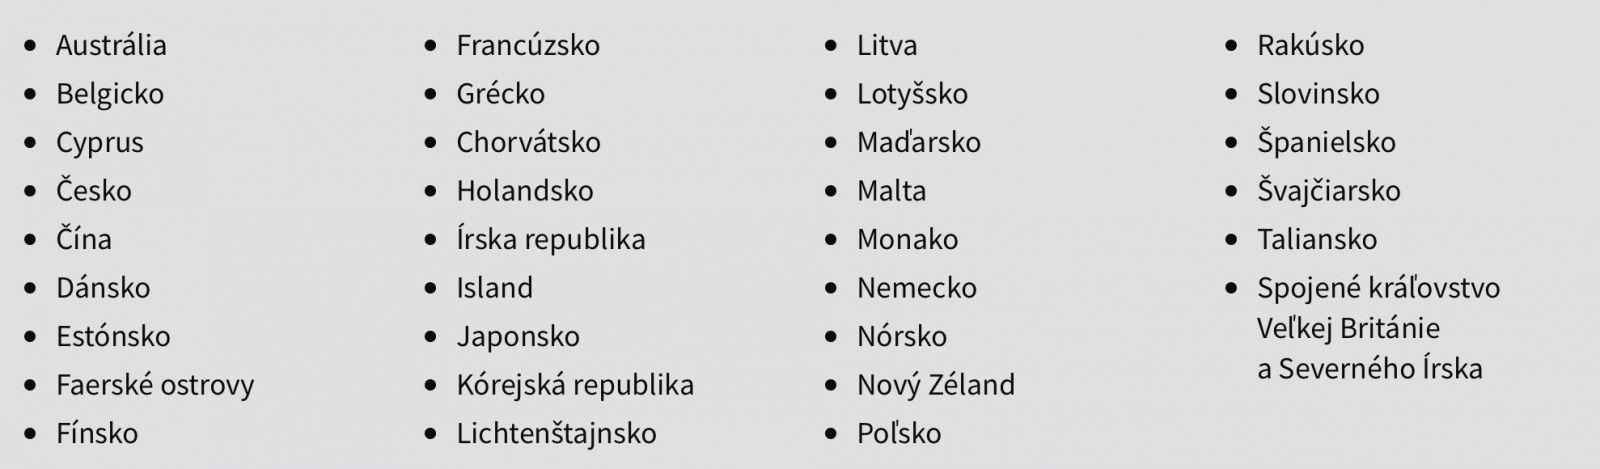 Tieto krajiny Slovensko nepovažuje za rizikové. Ak cestuješ inam, musíš sa hlásiť úradom a ísť na vyšetrenie, inak hrozí pokuta.